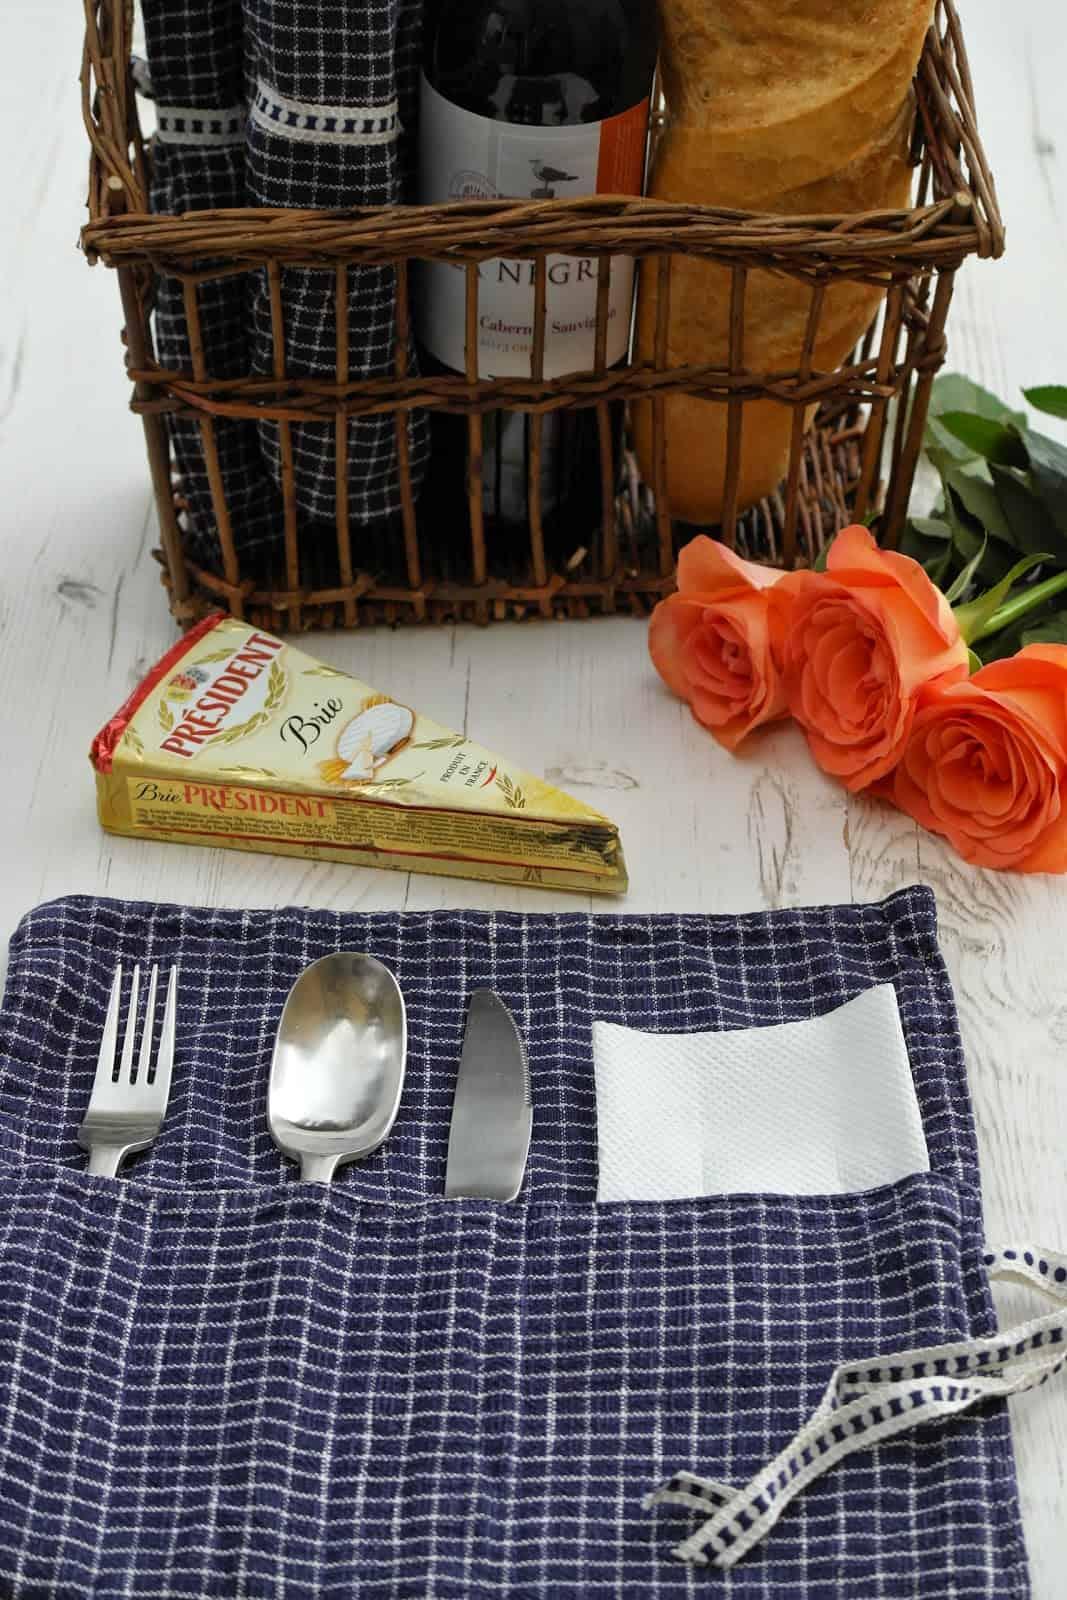 Plaid cutlery holder